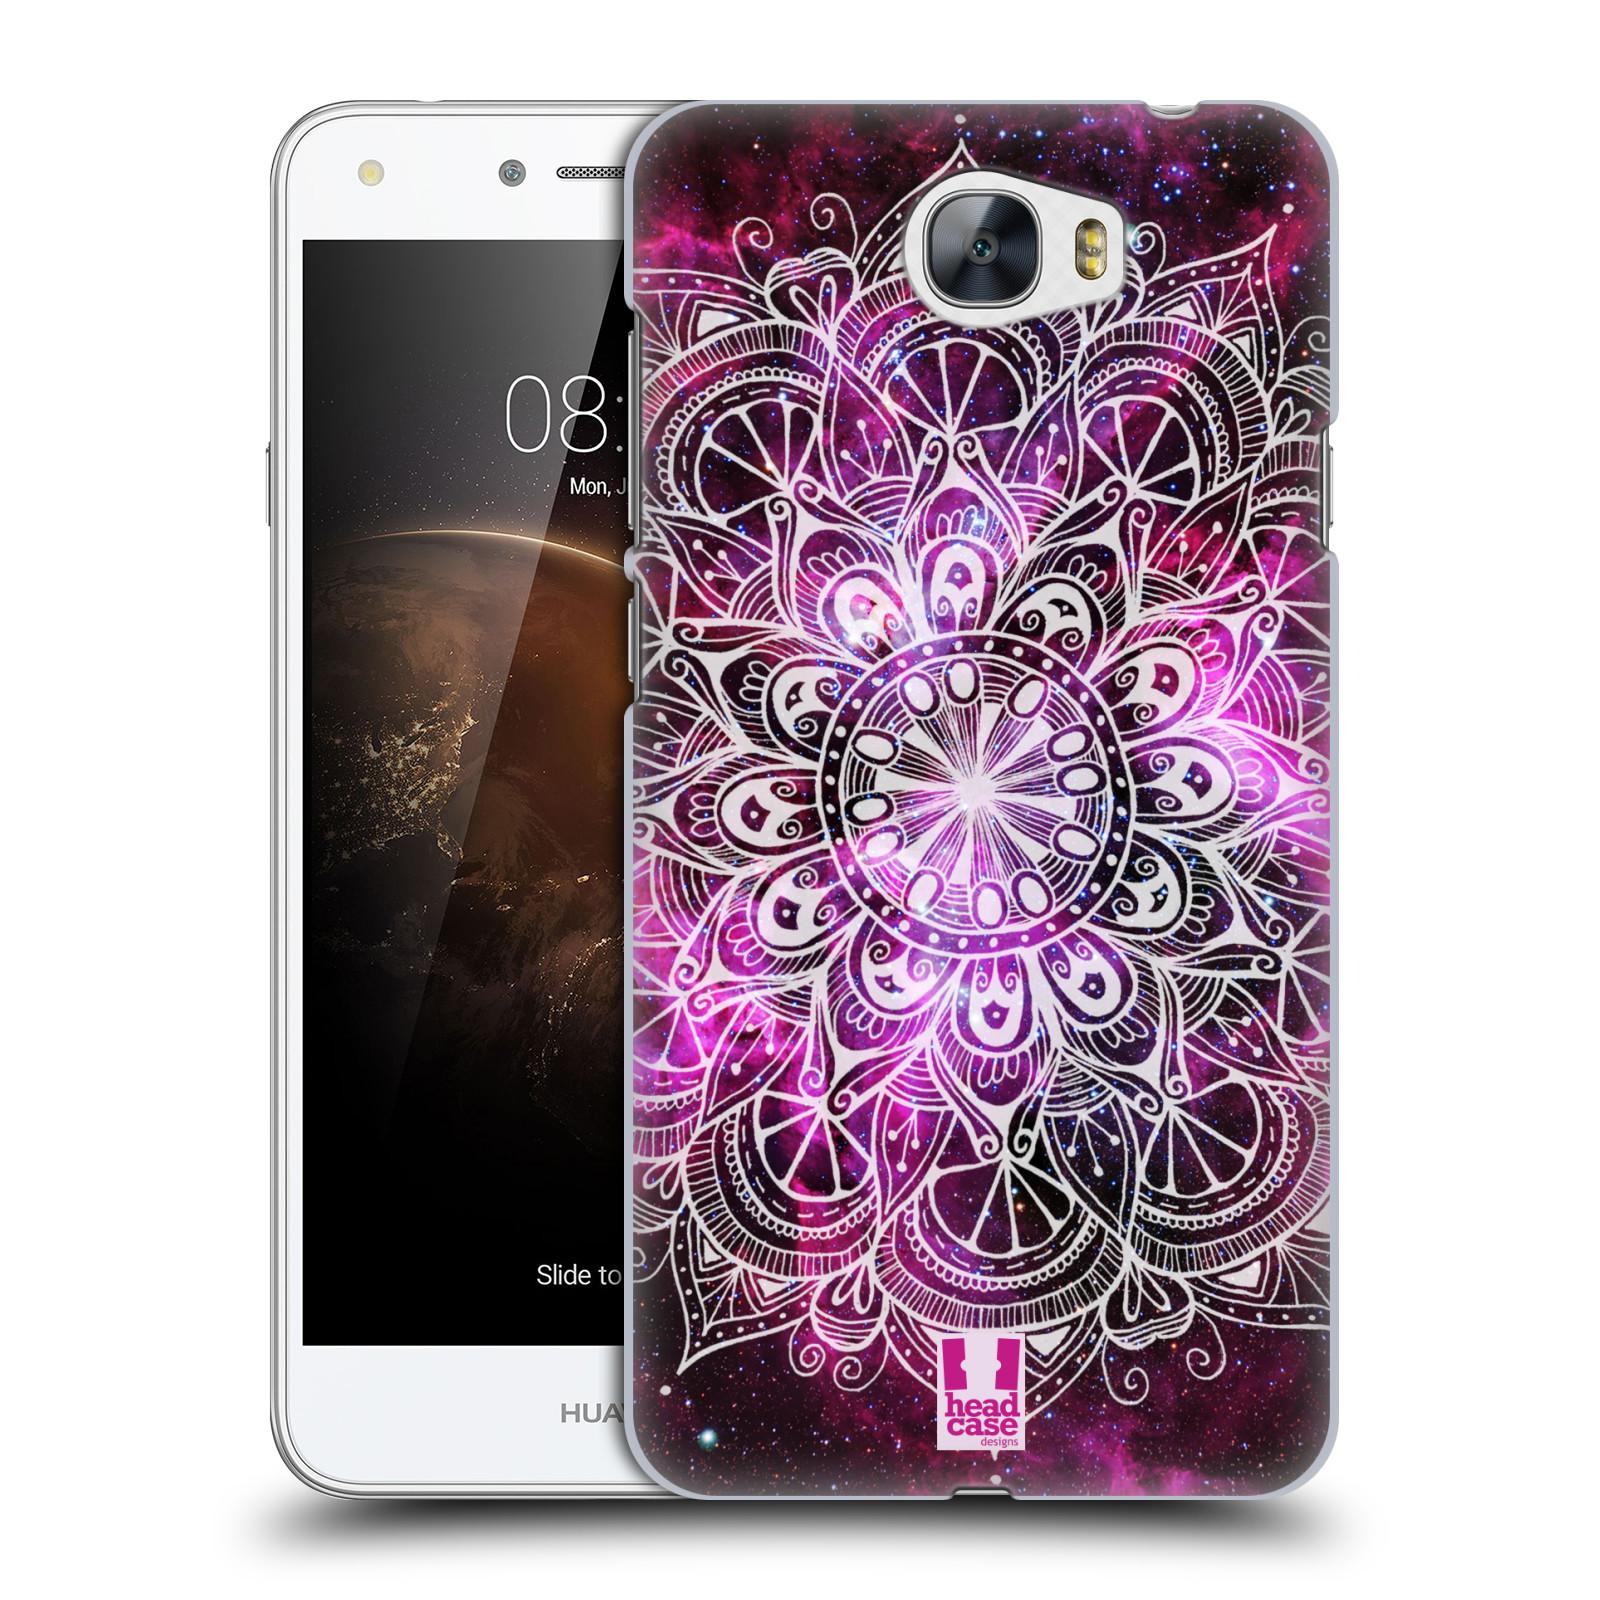 HEAD CASE plastový obal na mobil Huawei Y6 II Compact vzor Indie Mandala slunce barevná FIALOVÁ MLHOVINA